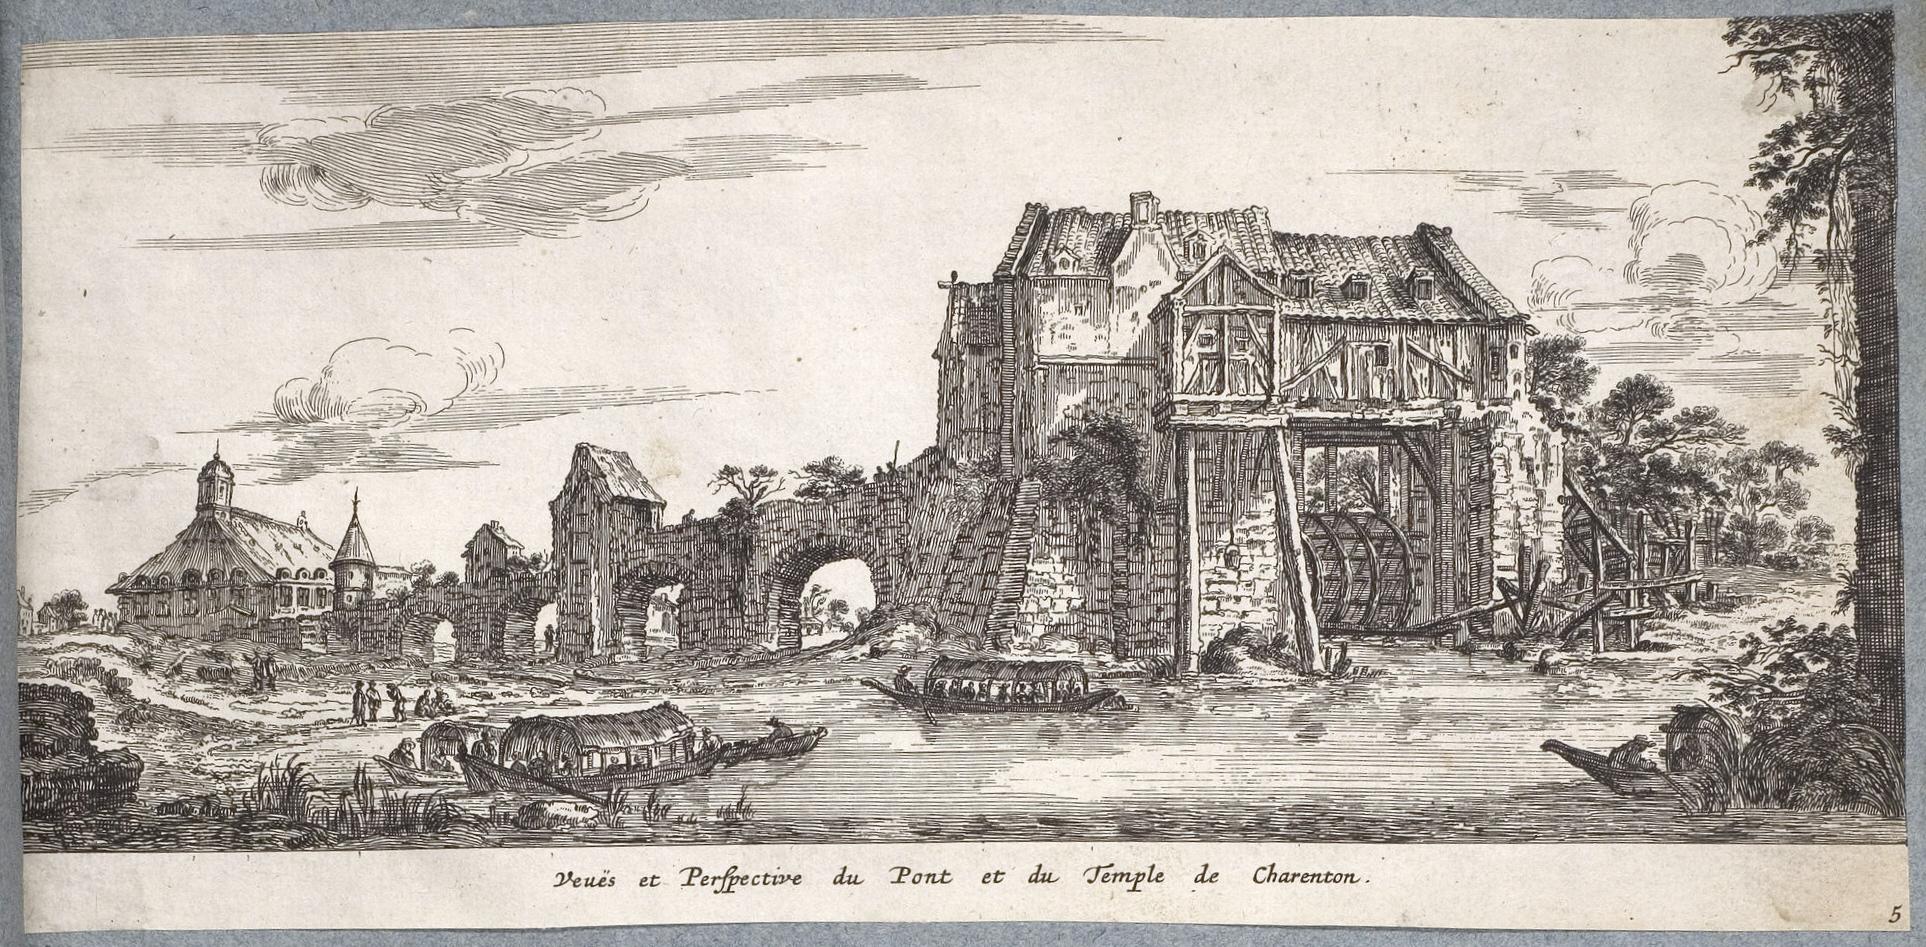 israel-silvestre-1645-vues-et-perspective-du-pont-et-du-temple-de-charenton